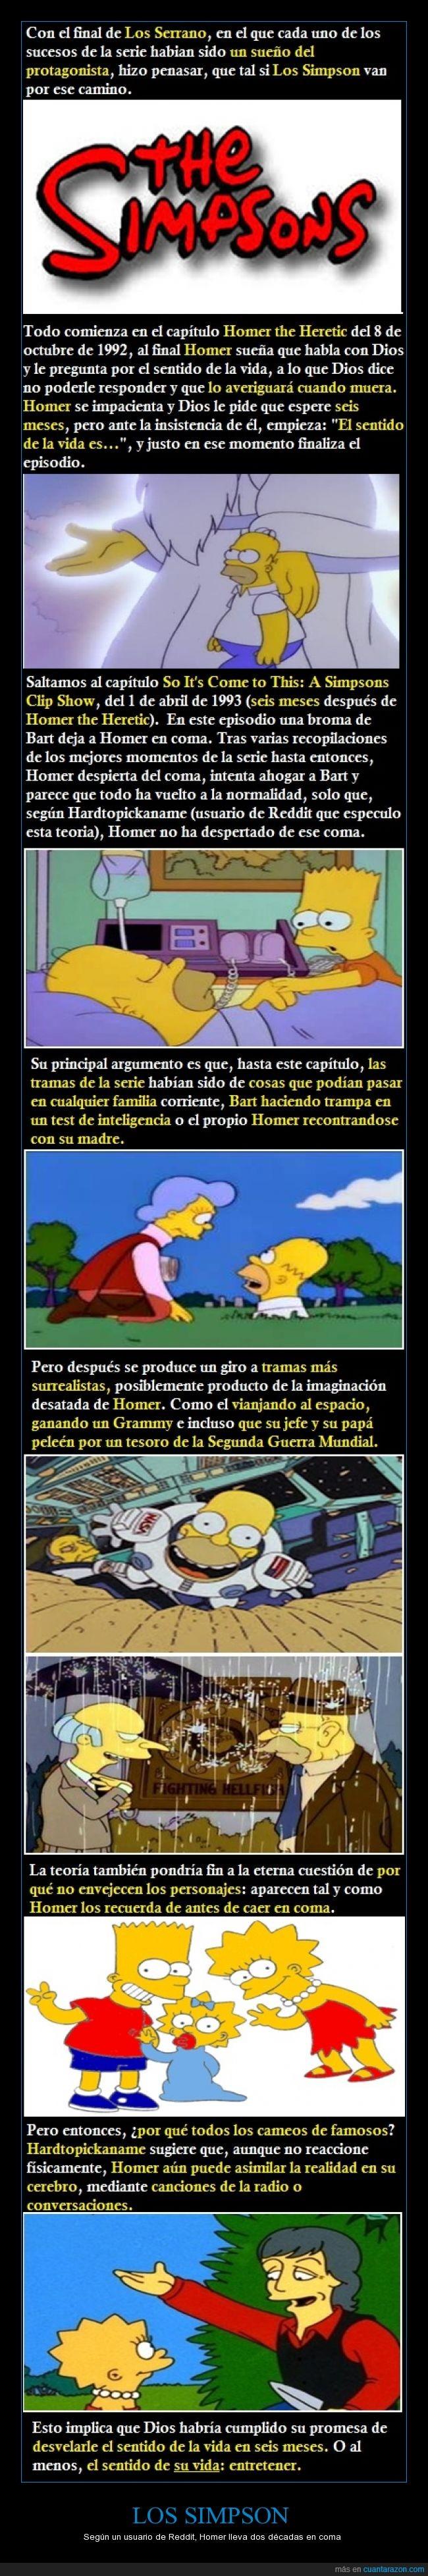 Abraham Simpson,Bart,Burns,cameos,coma,Dios,famosos,Homer,Lisa,Los Simpson,Maggie,Paul McCartney,Reddit,Segunda Guerra Mundial,sentido de la vida,teoría,tesoro